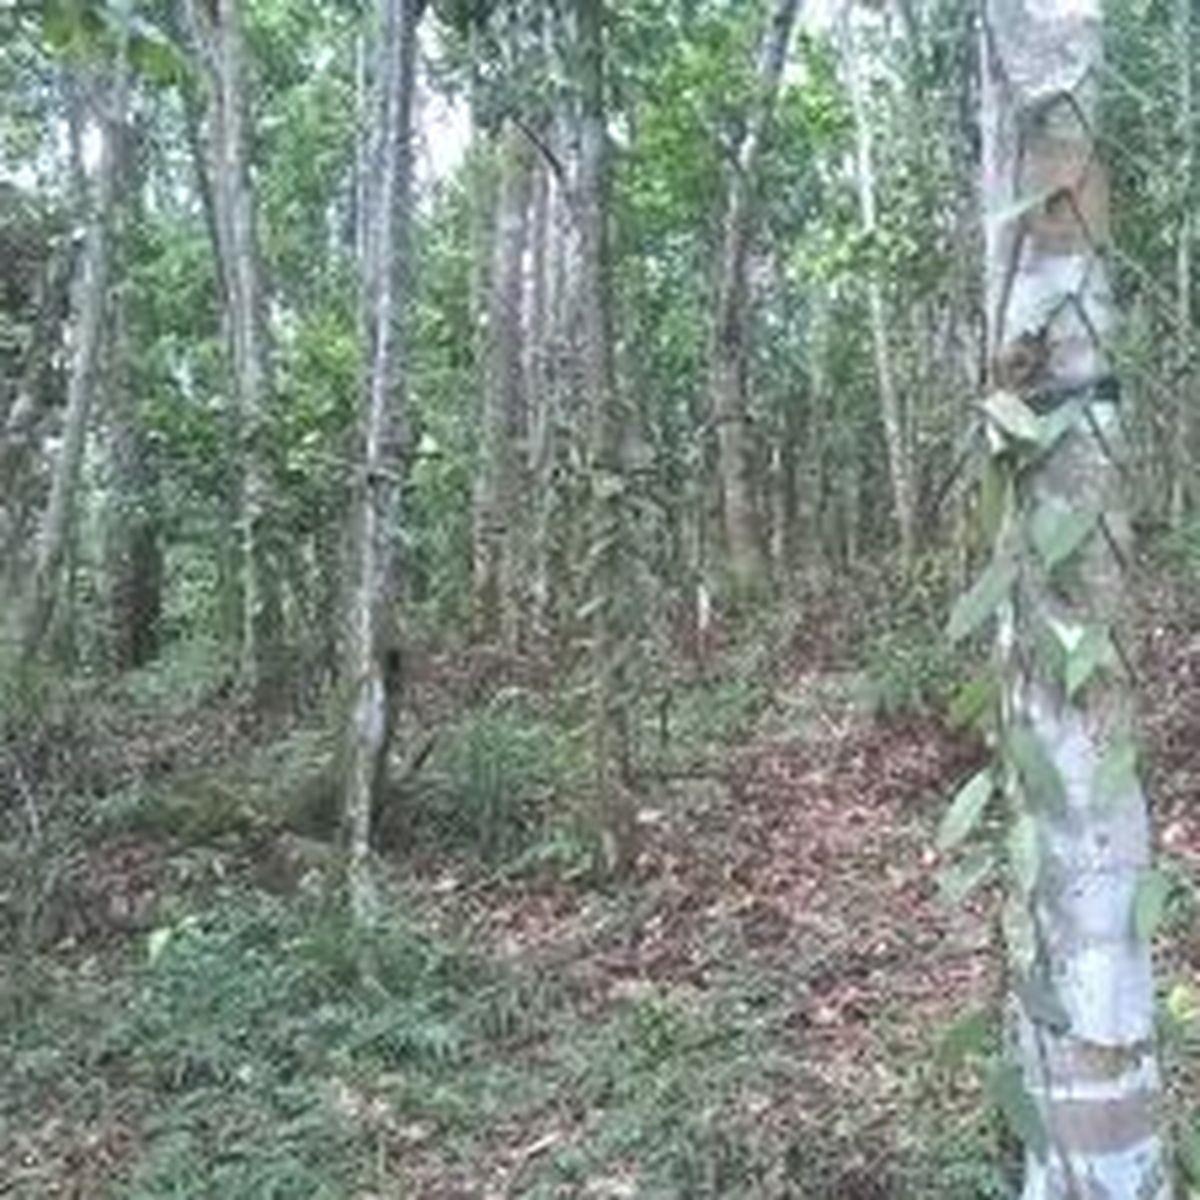 L'agroforesterie en Guadeloupe reçoit l'agrément du gouvernement